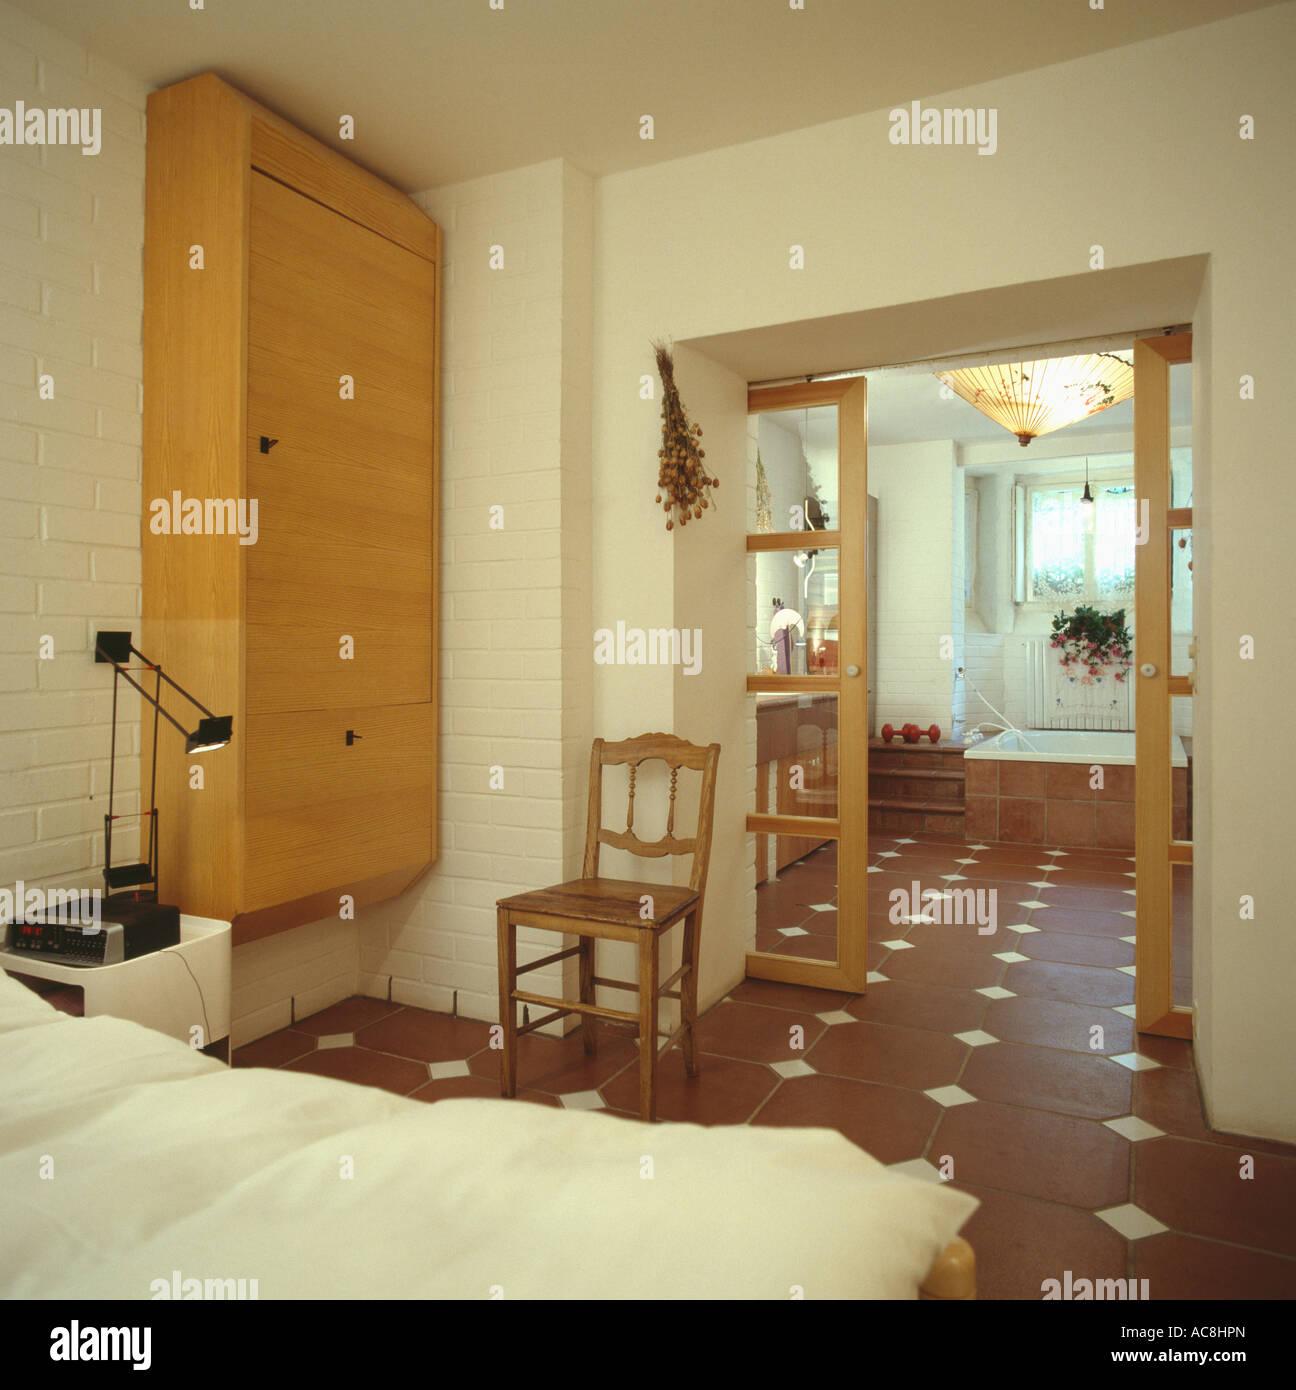 Neutrale Siebziger Jahre Schlafzimmer Und Eigenem Badezimmer Mit Braun Und  Creme Gefliesten Boden